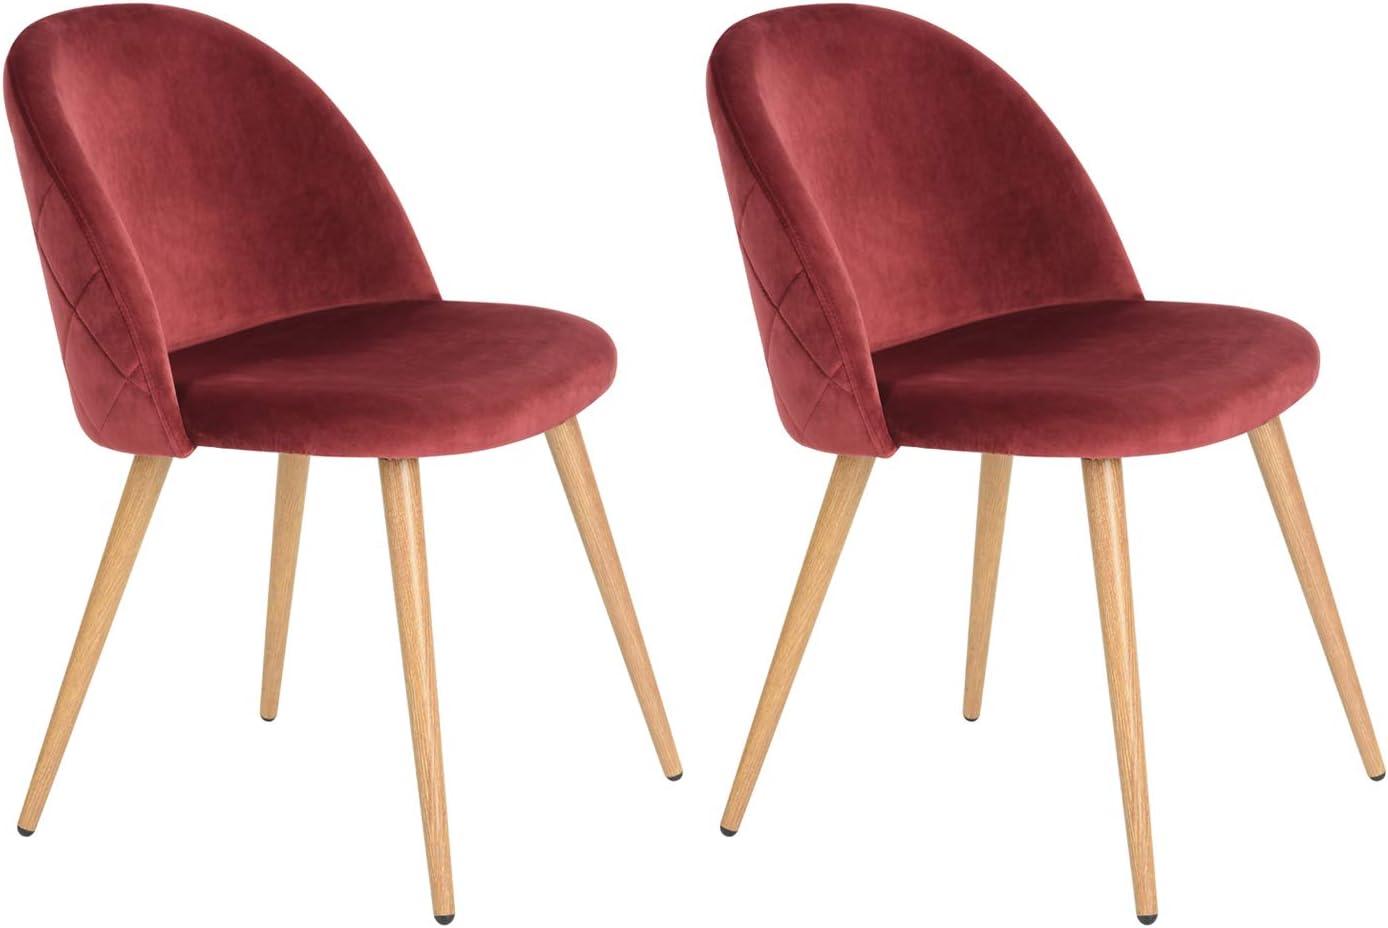 MEUBLE COSY Lot de 2 Fauteuil Chaise de Salle /à Manger Rouge Chaise de Bureau Ergonomique Pieds M/étal avec Finition en Bois red //49x53x77,5cm